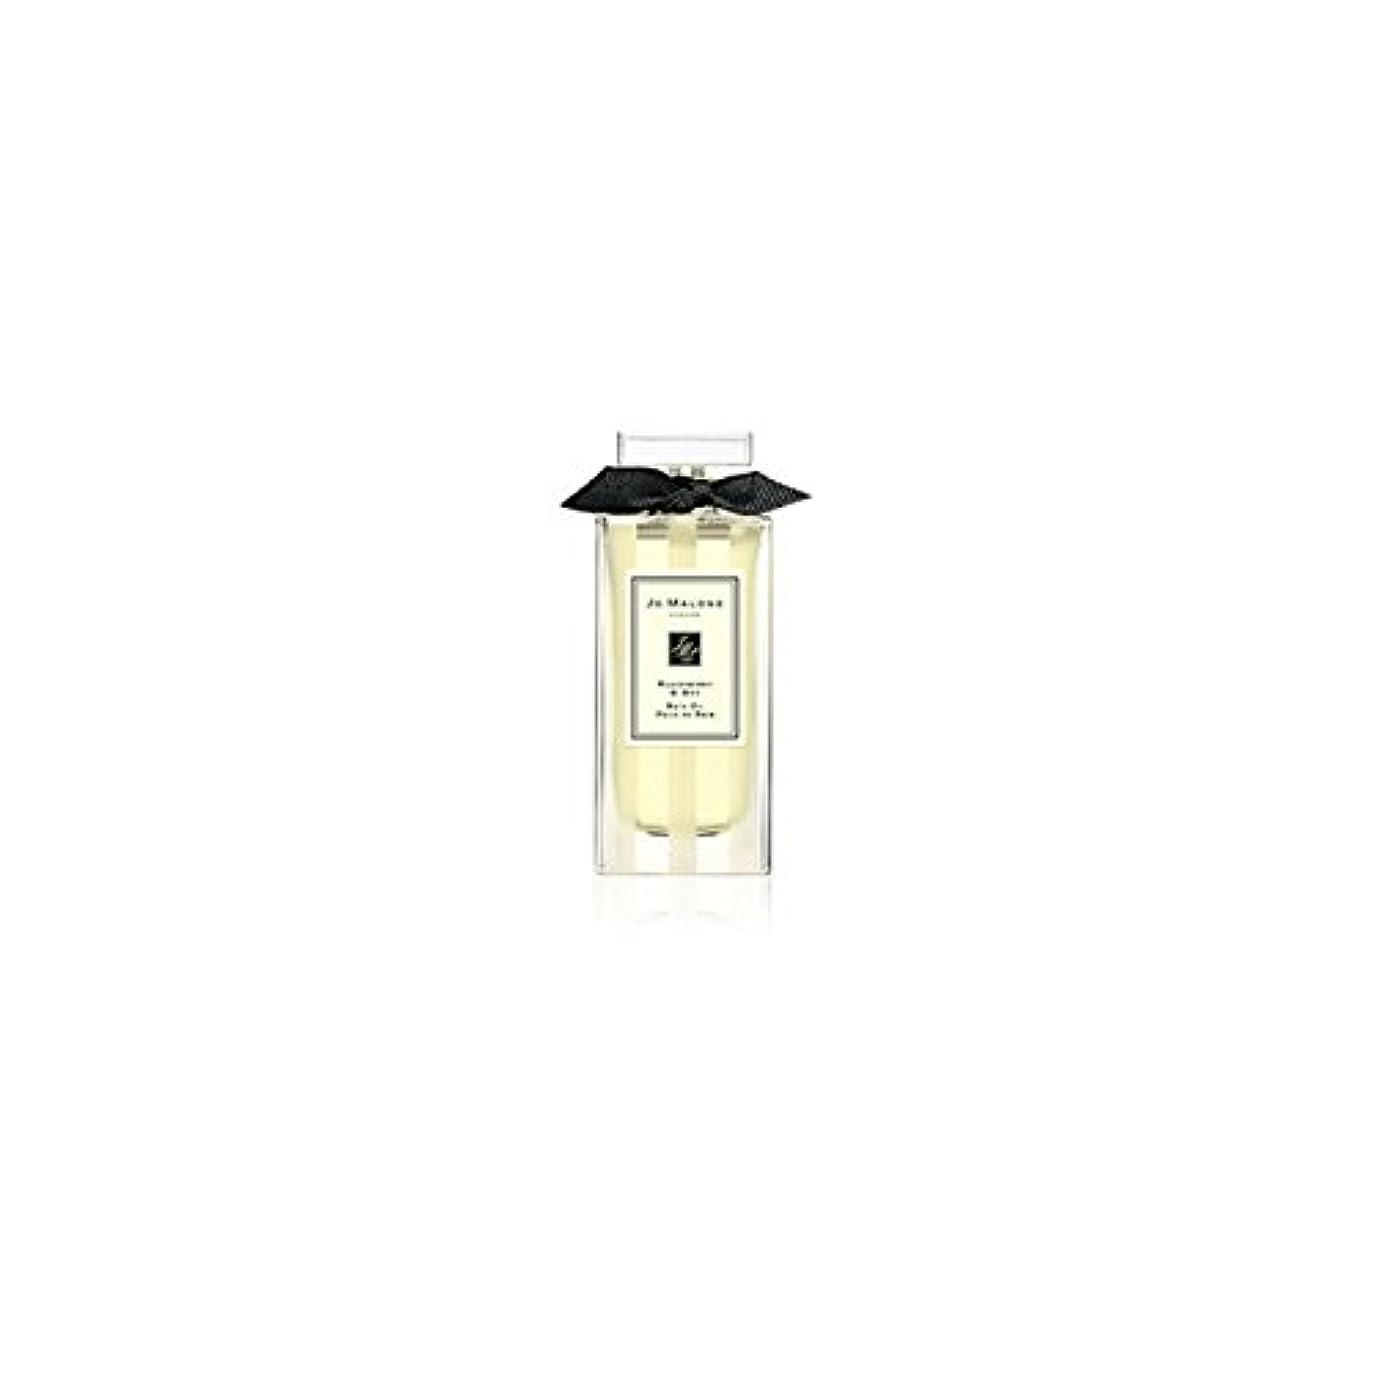 貯水池からかう眠いですJo Malone Blackberry & Bay Bath Oil - 30ml (Pack of 2) - ジョーマローンブラックベリー&ベイバスオイル - 30ミリリットル (x2) [並行輸入品]